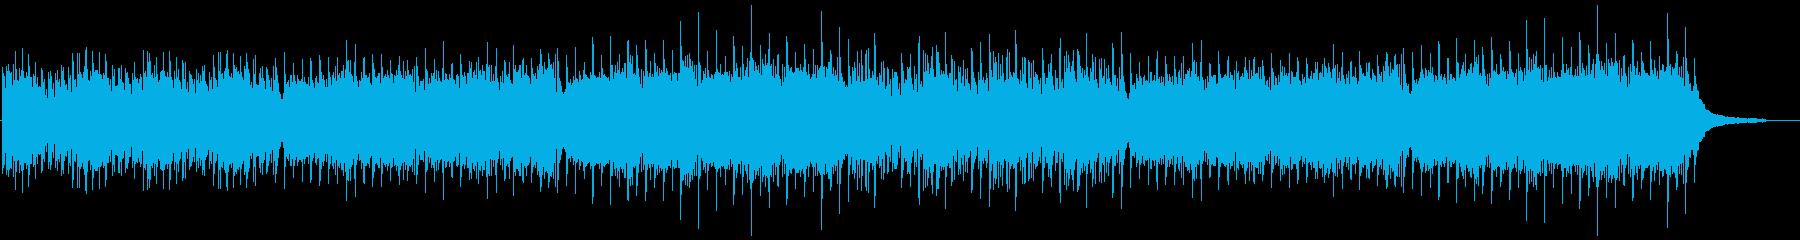 企業VP174、ピアノ、爽やか、前向きLの再生済みの波形